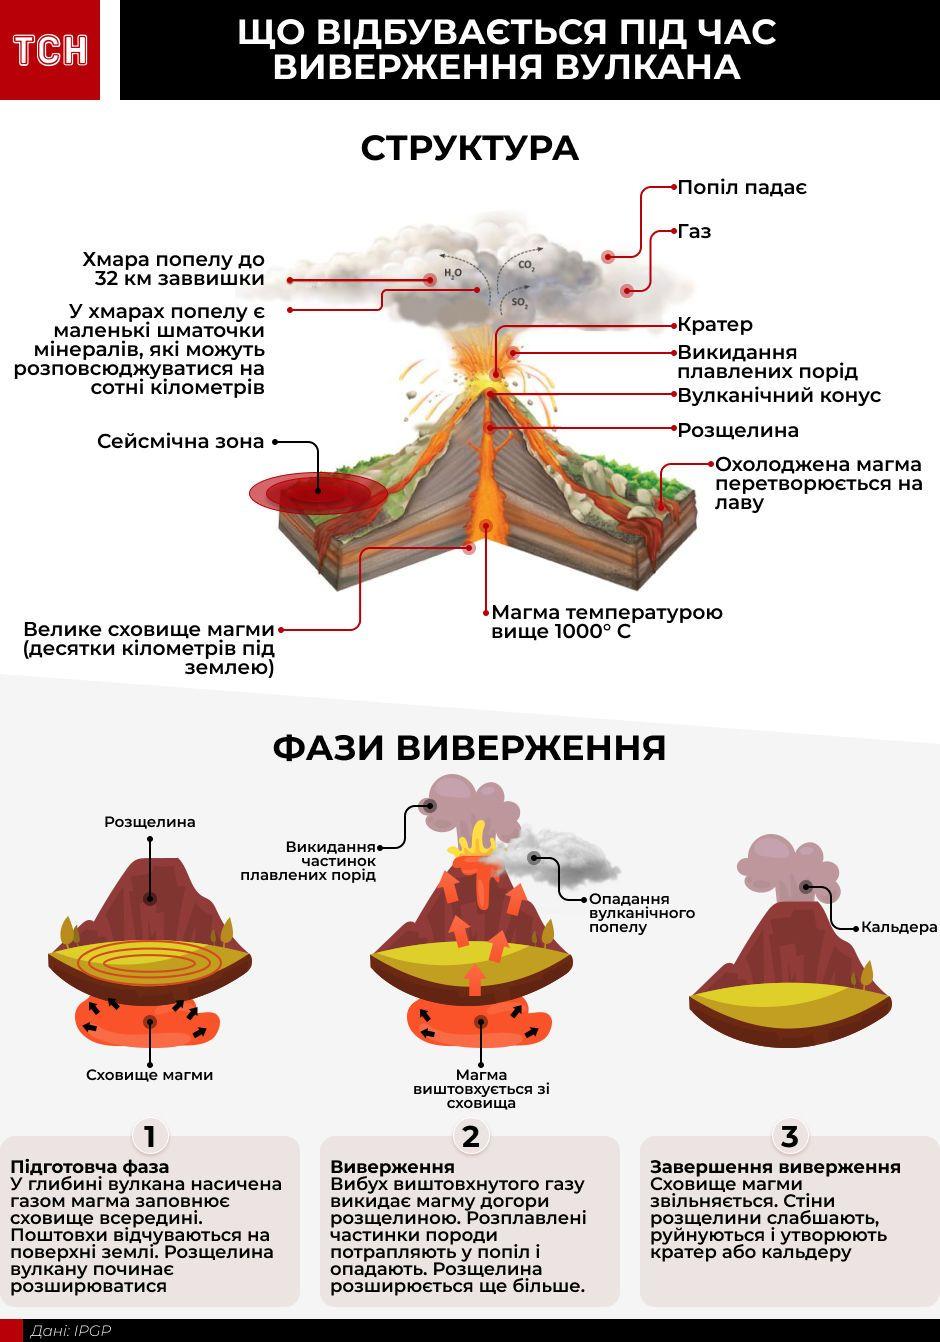 Виверження вулкана, інфографіка